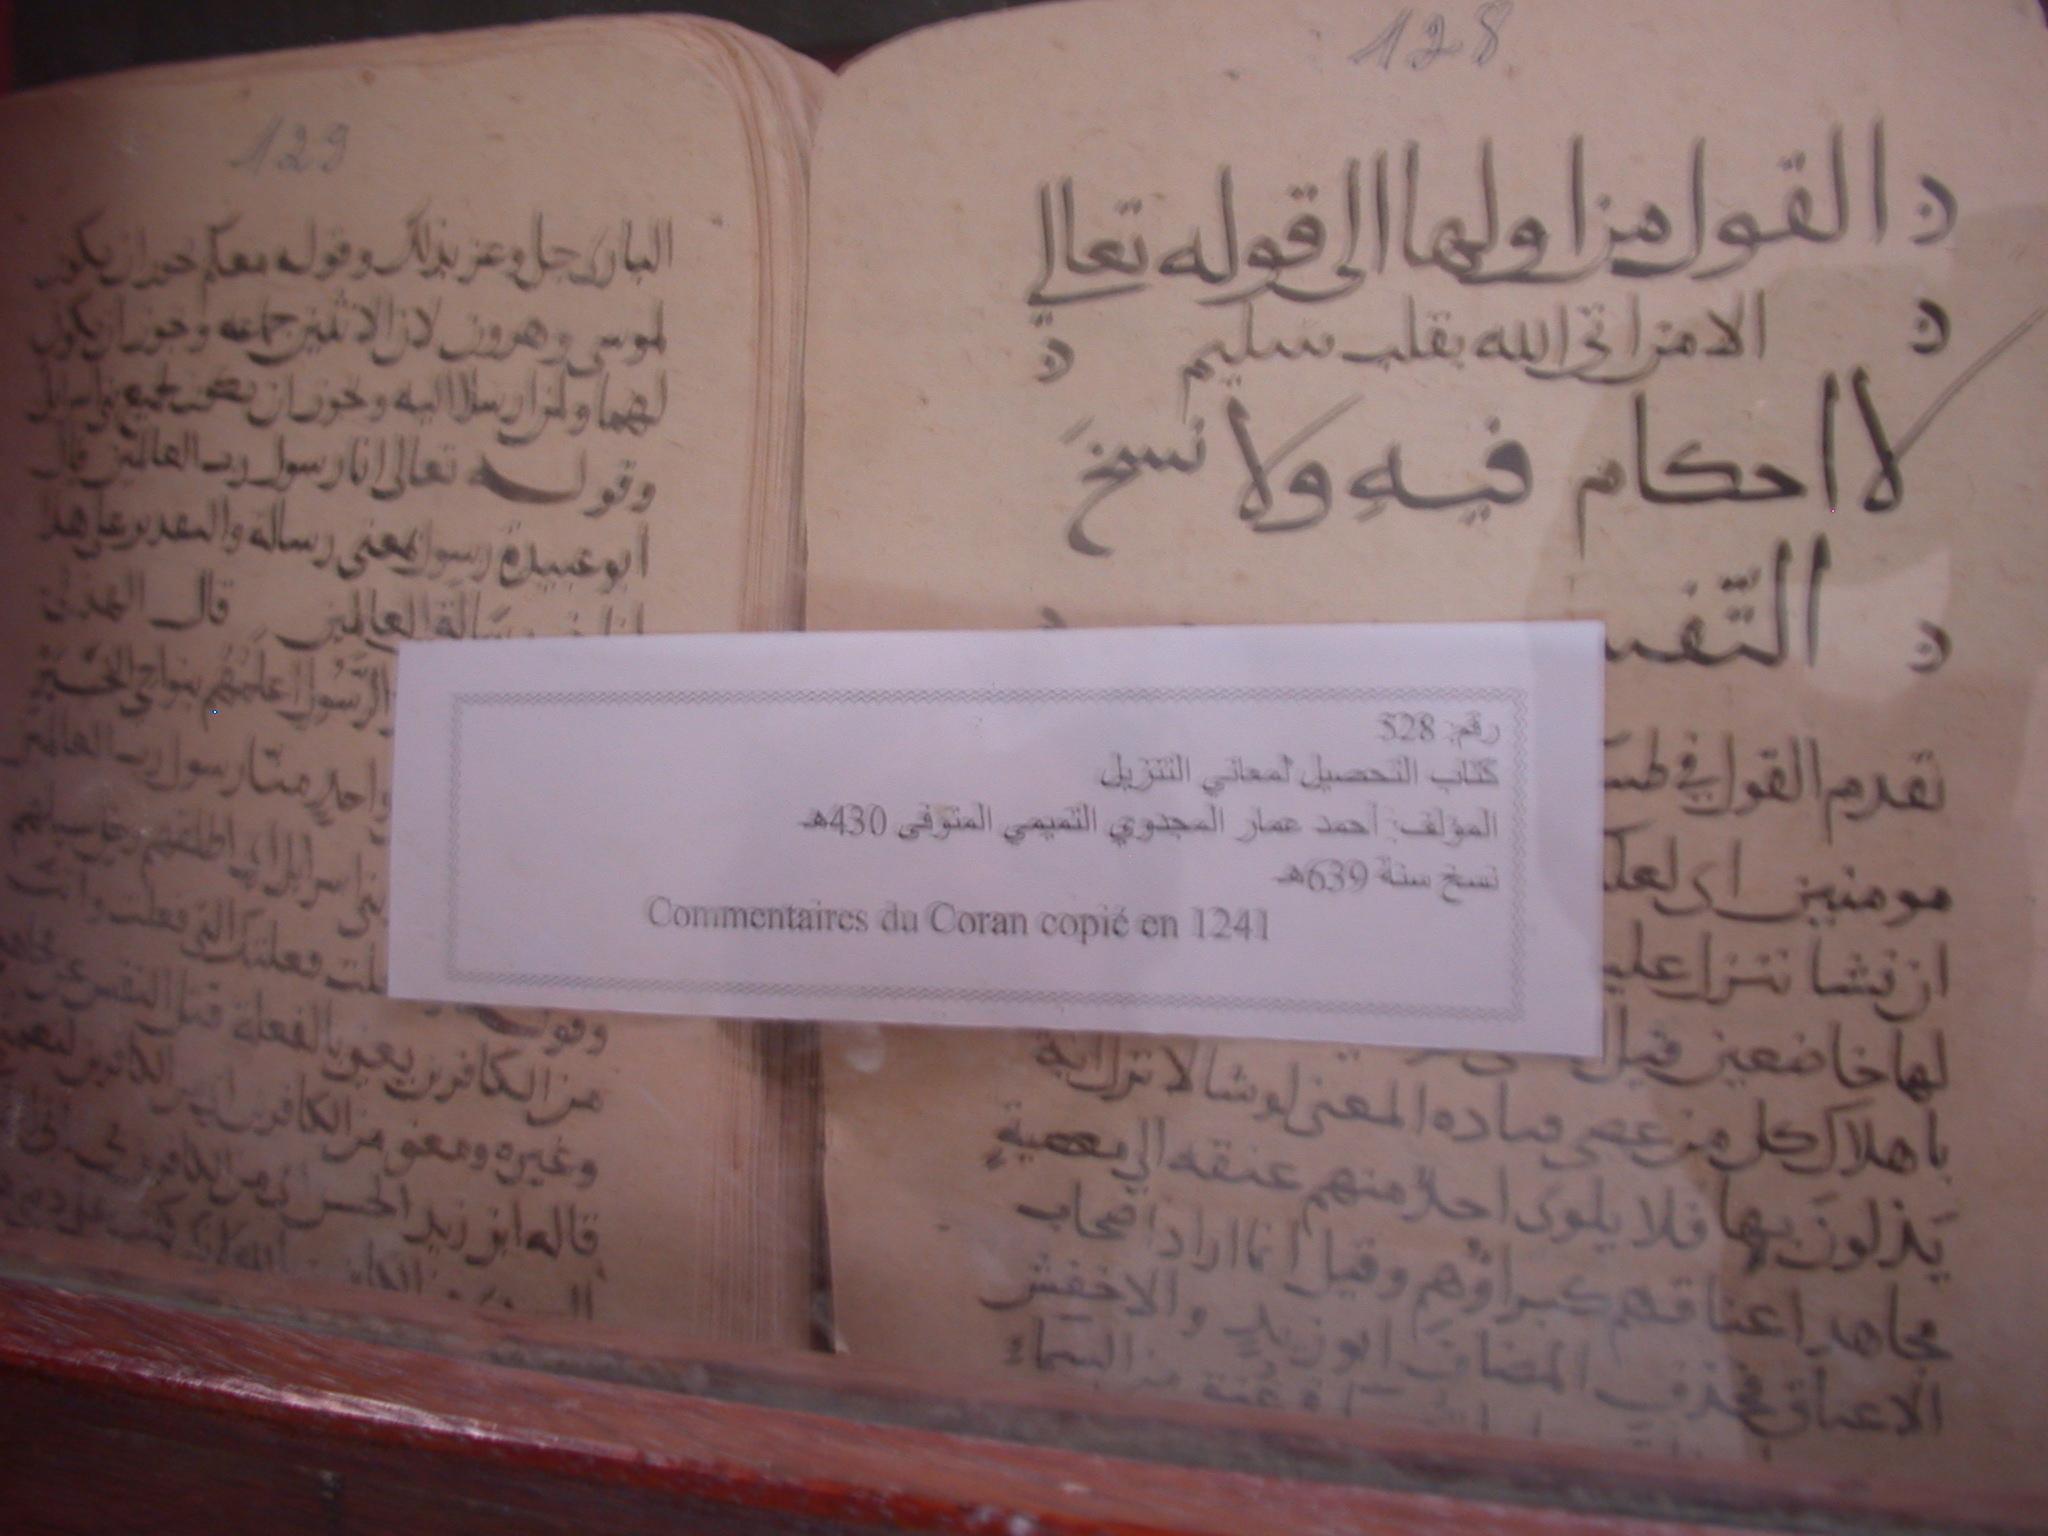 Manuscript, Koran Commentaries Copied in 1241, Ahmed Baba Institute, Institut des Hautes Etudes et de Recherches Islamiques, Timbuktu, Mali